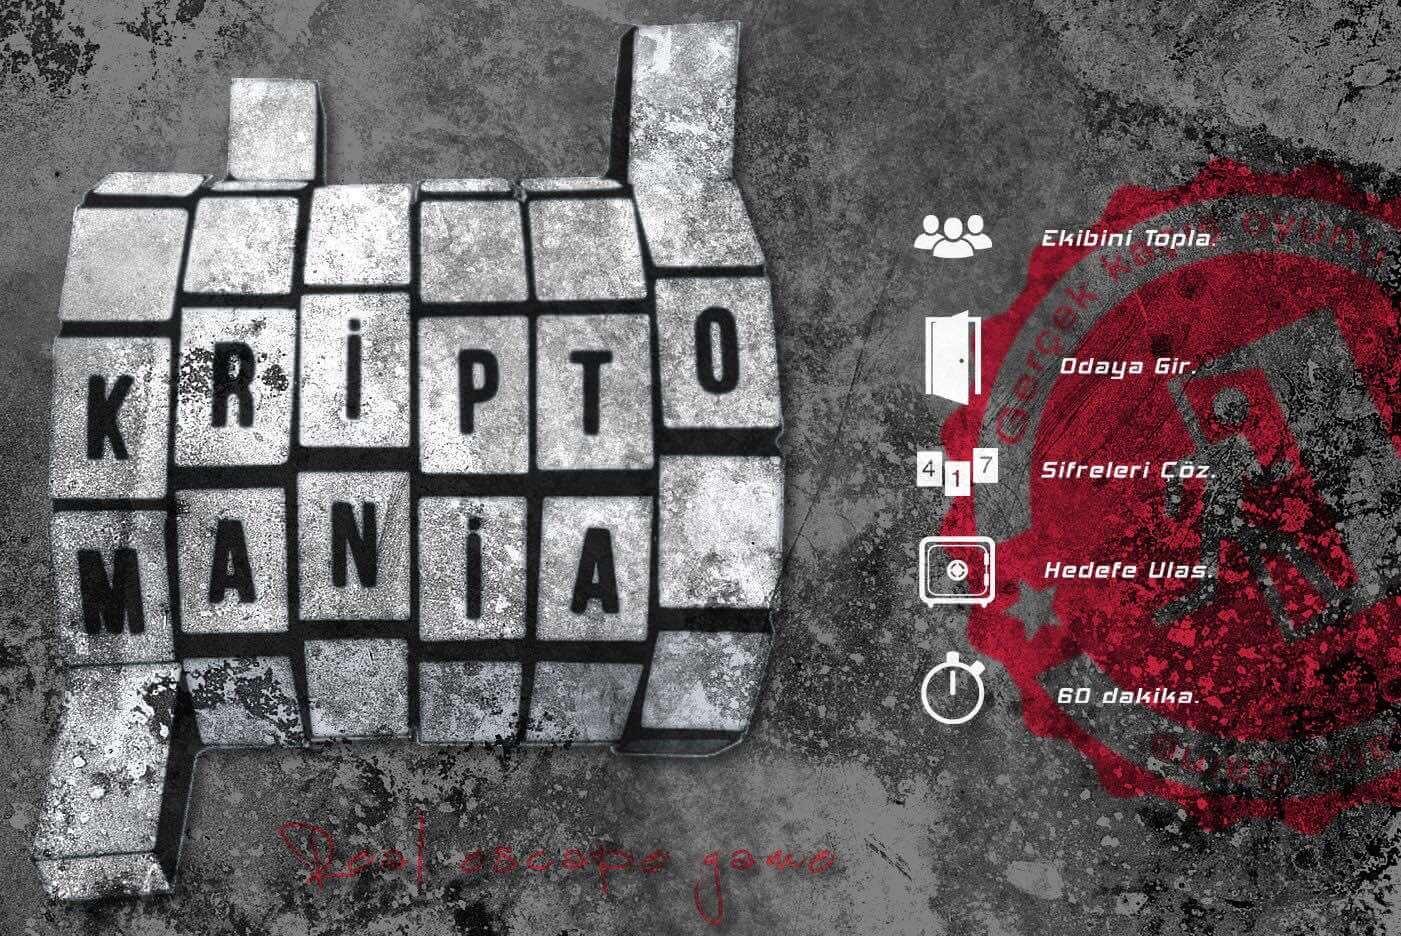 Kriptomania Gerçek Evden ve Odadan Kaçış Oyunu